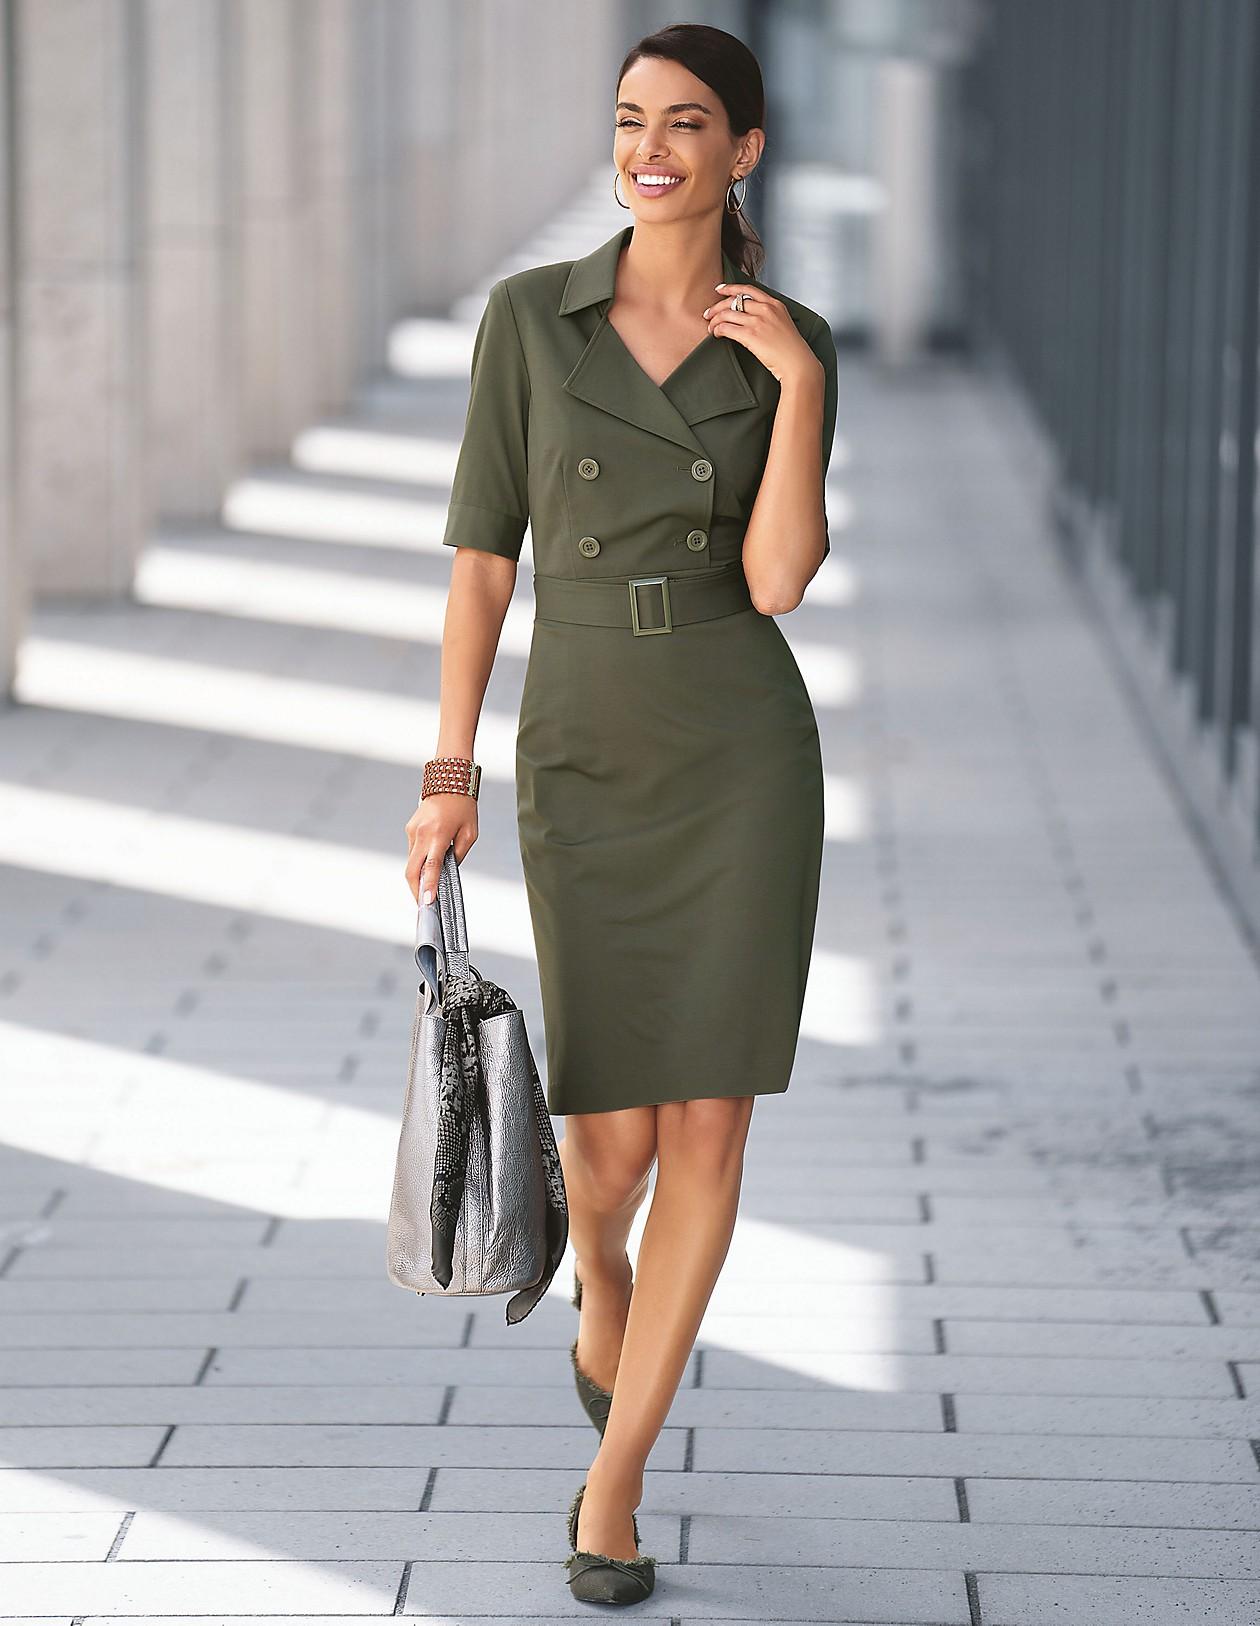 Safari-Kleid, efeugrün, grün  MADELEINE Mode Schweiz